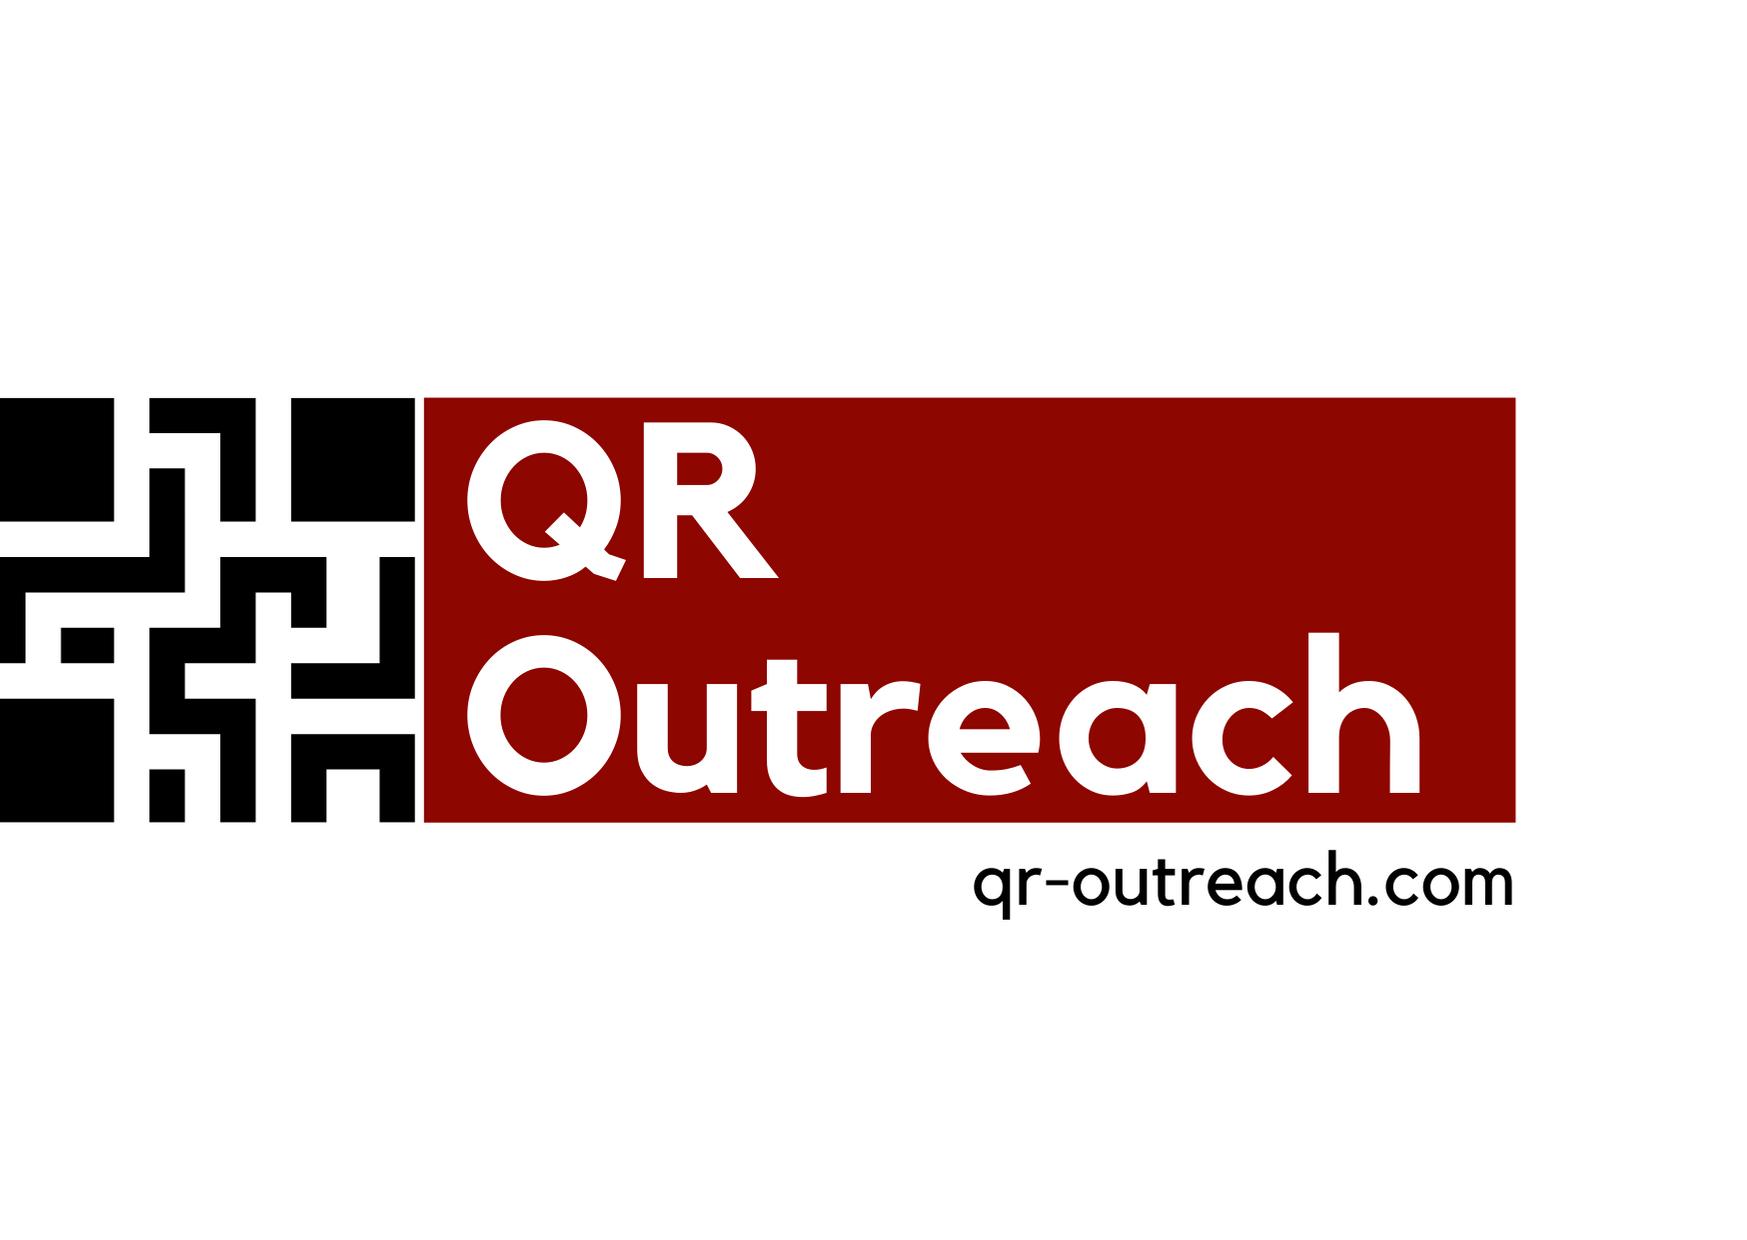 qr-outreach.com